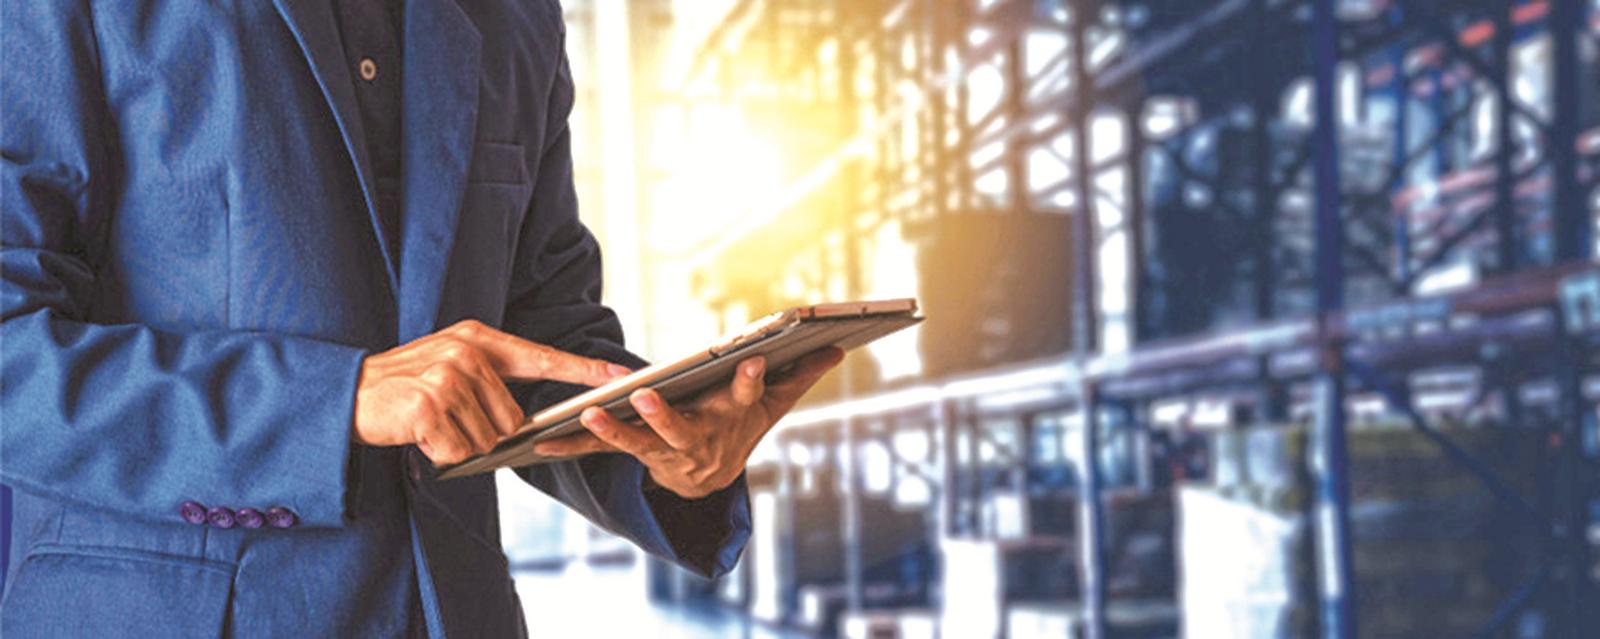 Chuỗi cung ứng hiện đại làm tăng hiệu suất